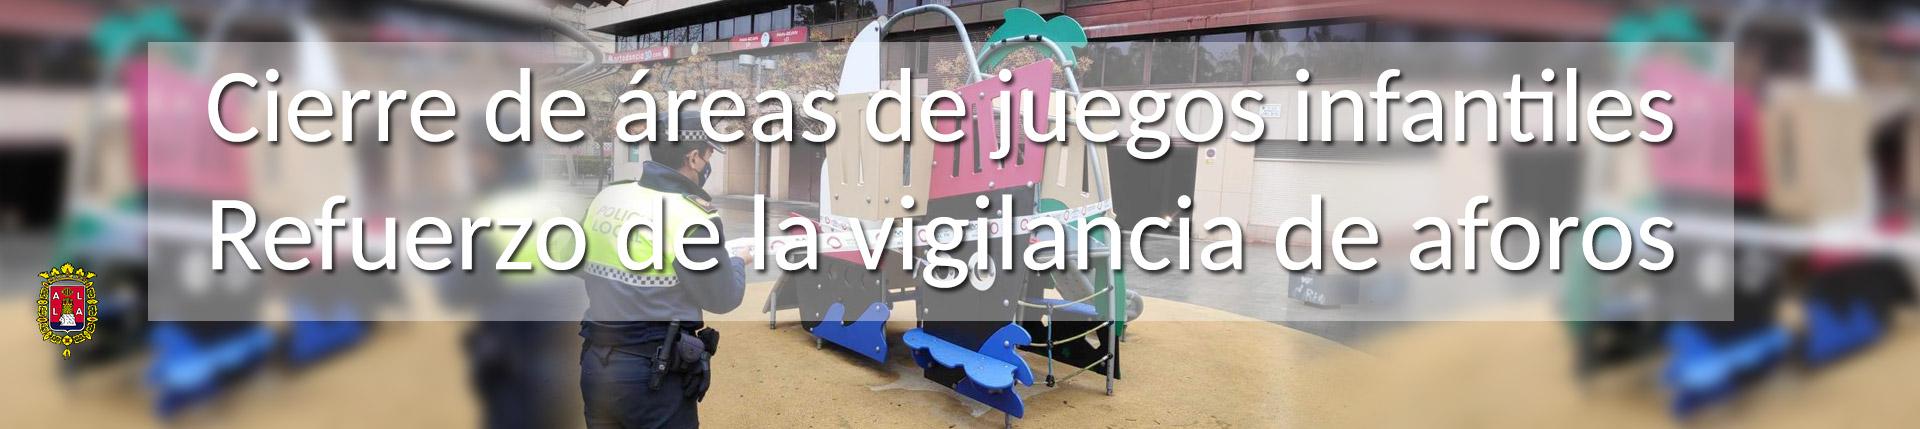 Alicante cierra juegos infantiles y refuerza vigilancia de aforos